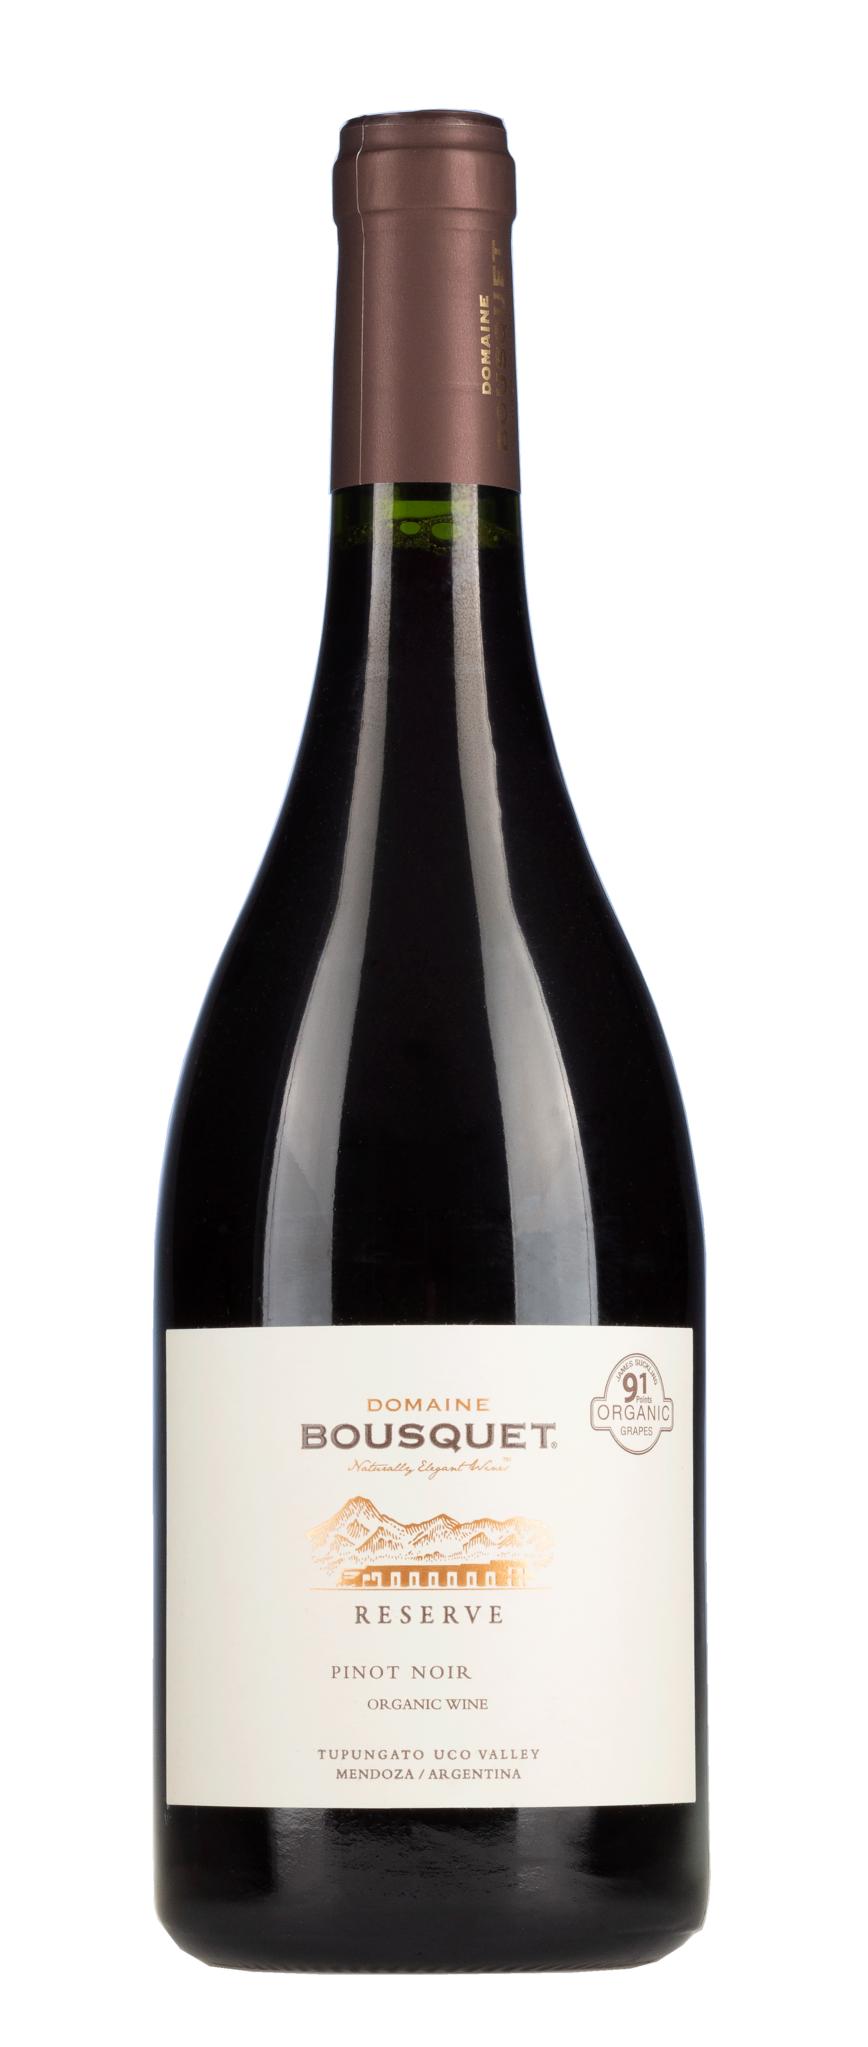 Bousquet, Domaine - Argentinien 2019 Pinot Noir Reserve, Domaine Bousquet (Biowein)